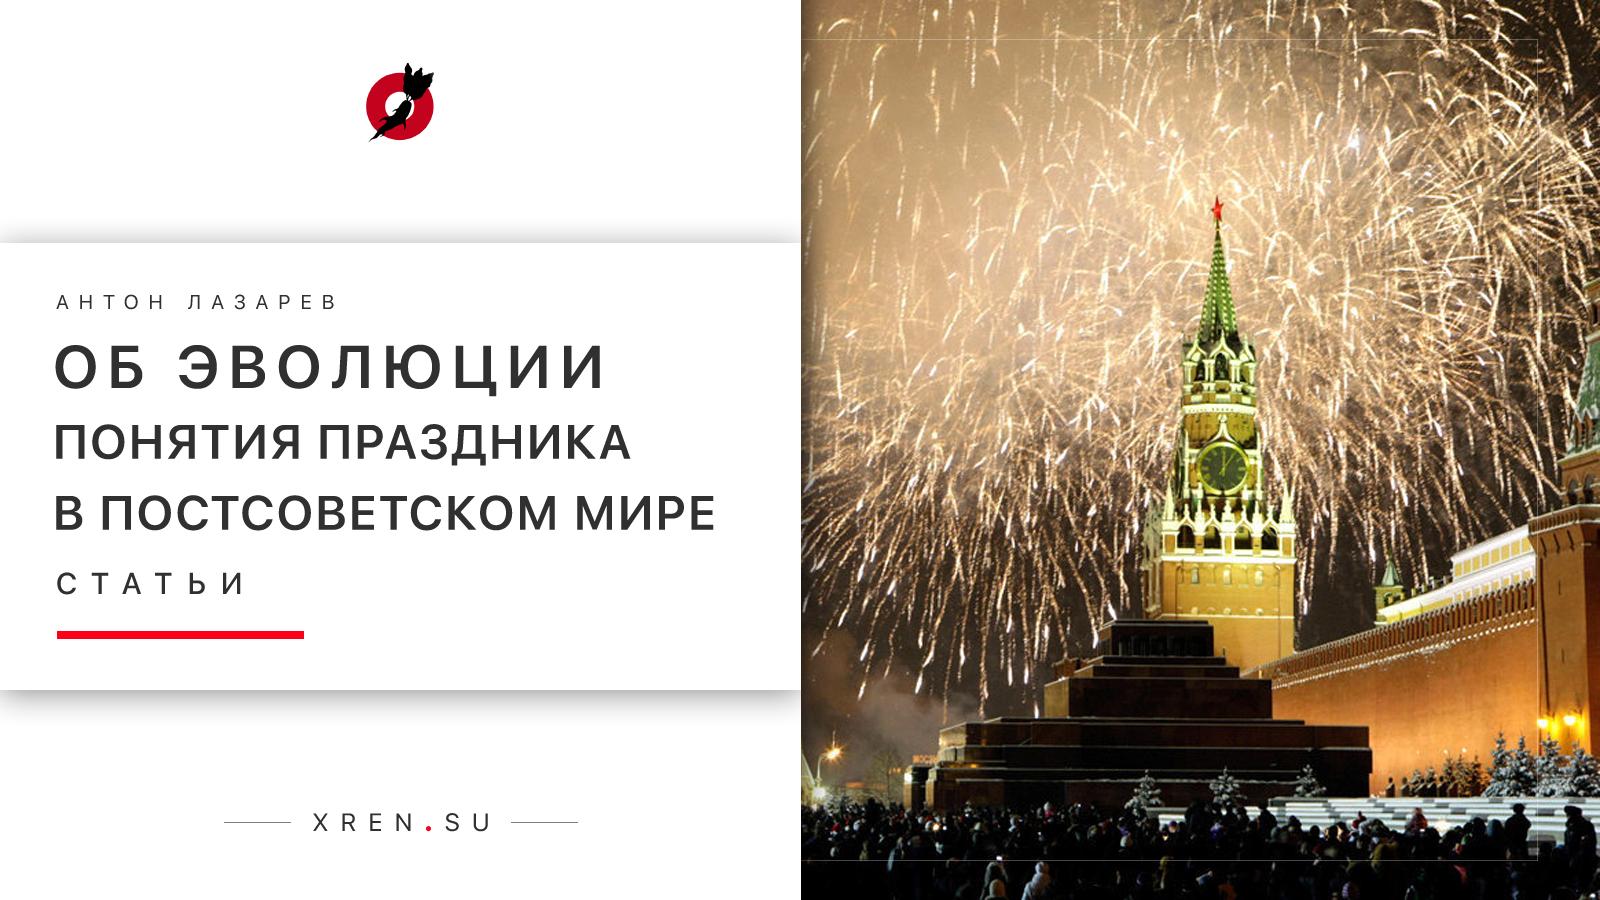 Об эволюции понятия праздника в постсоветском мире